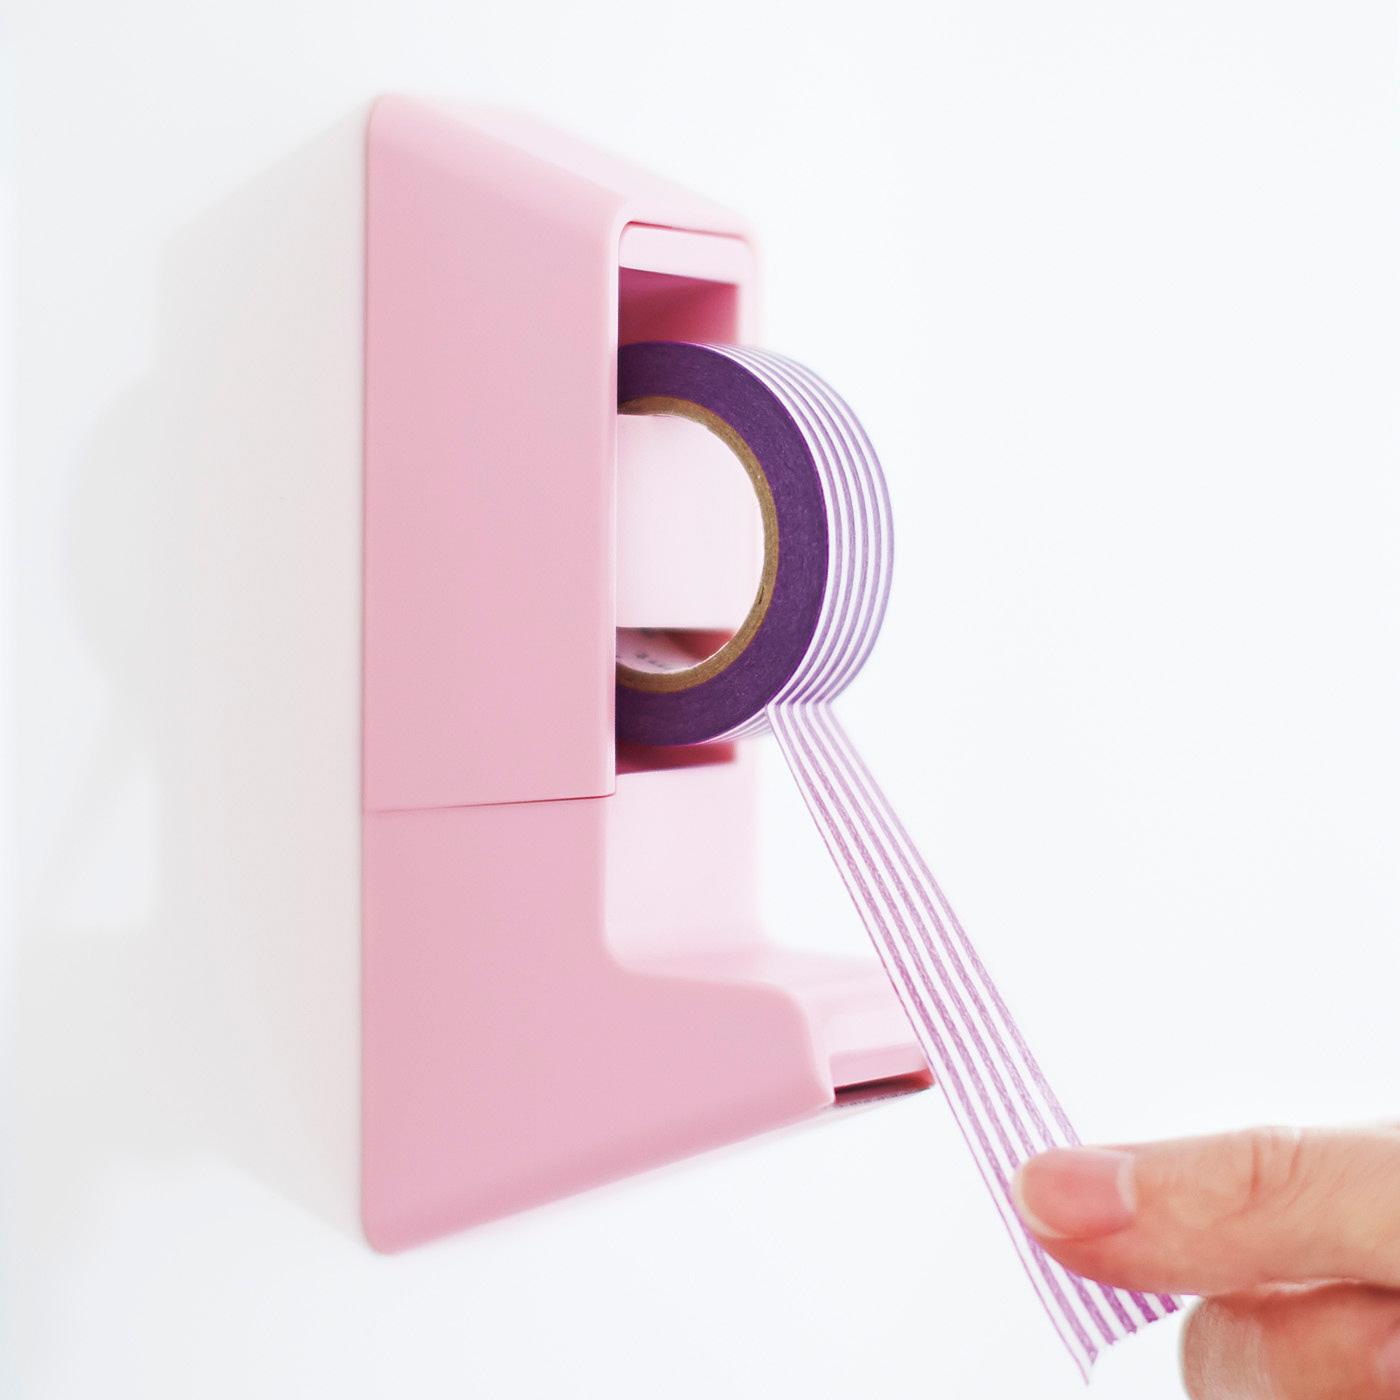 片手でらくにテープを切ることができます。